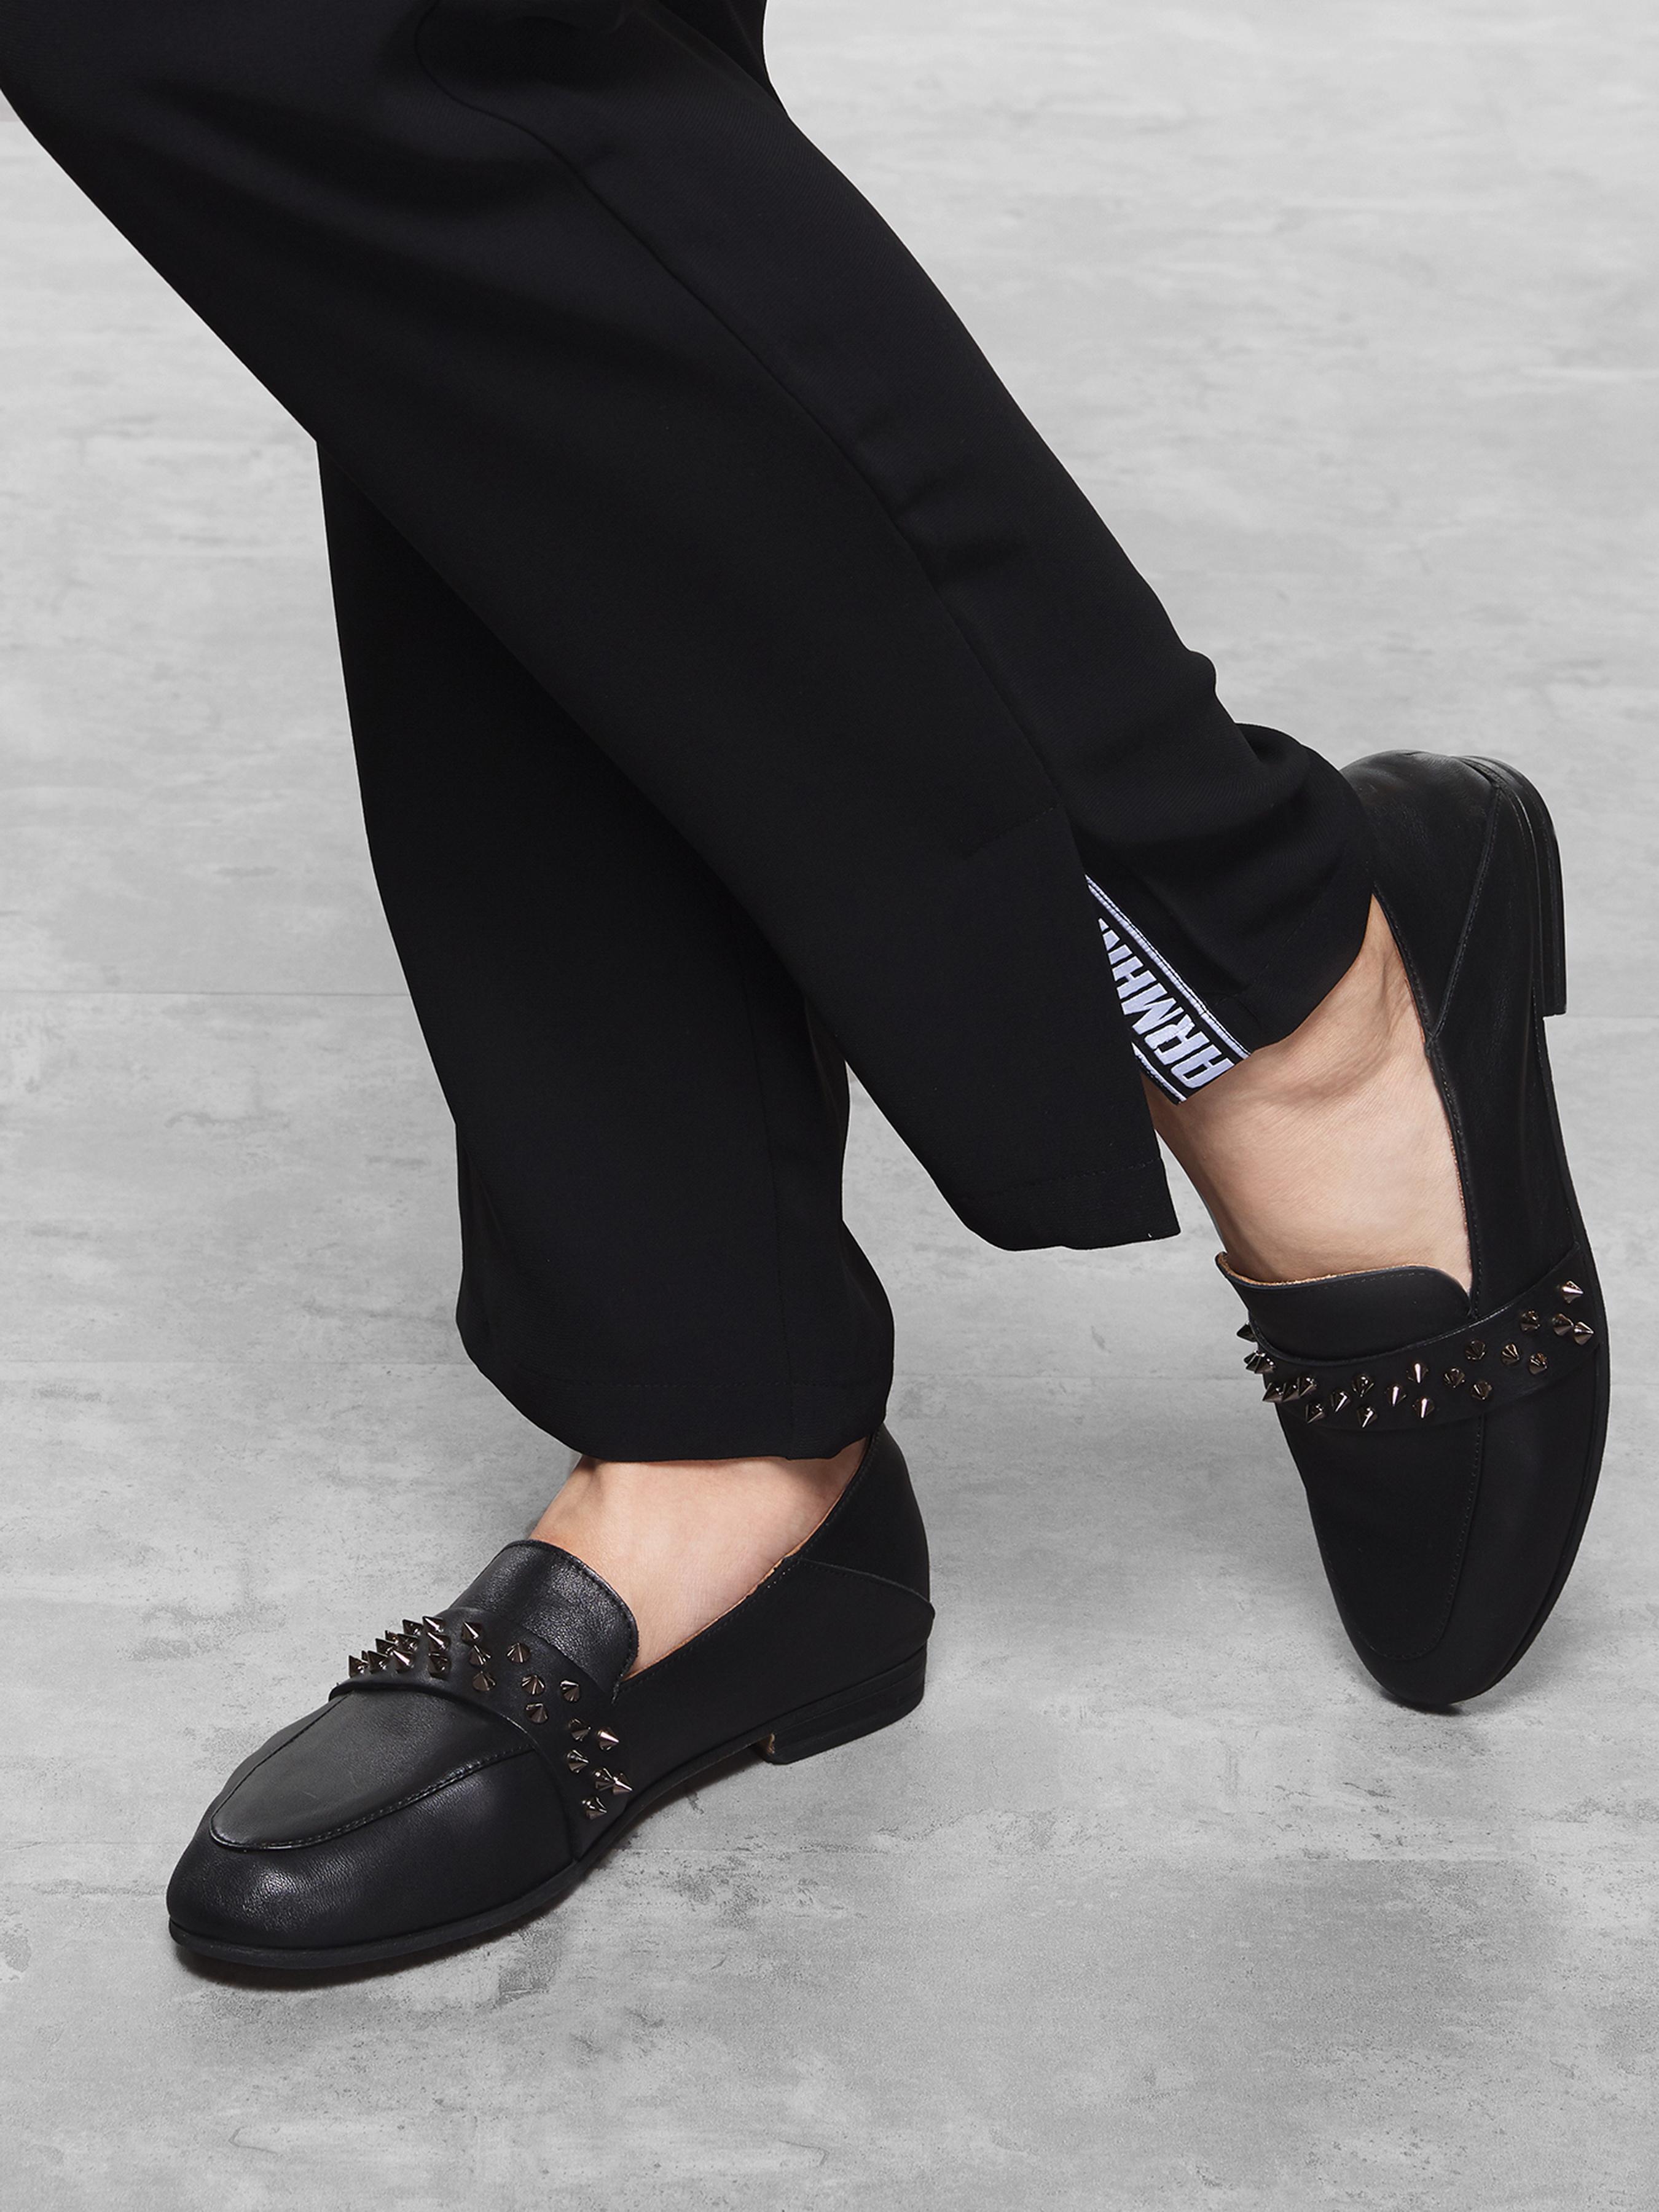 Туфлі  для жінок INUOVO 483006 BLACK розміри взуття, 2017